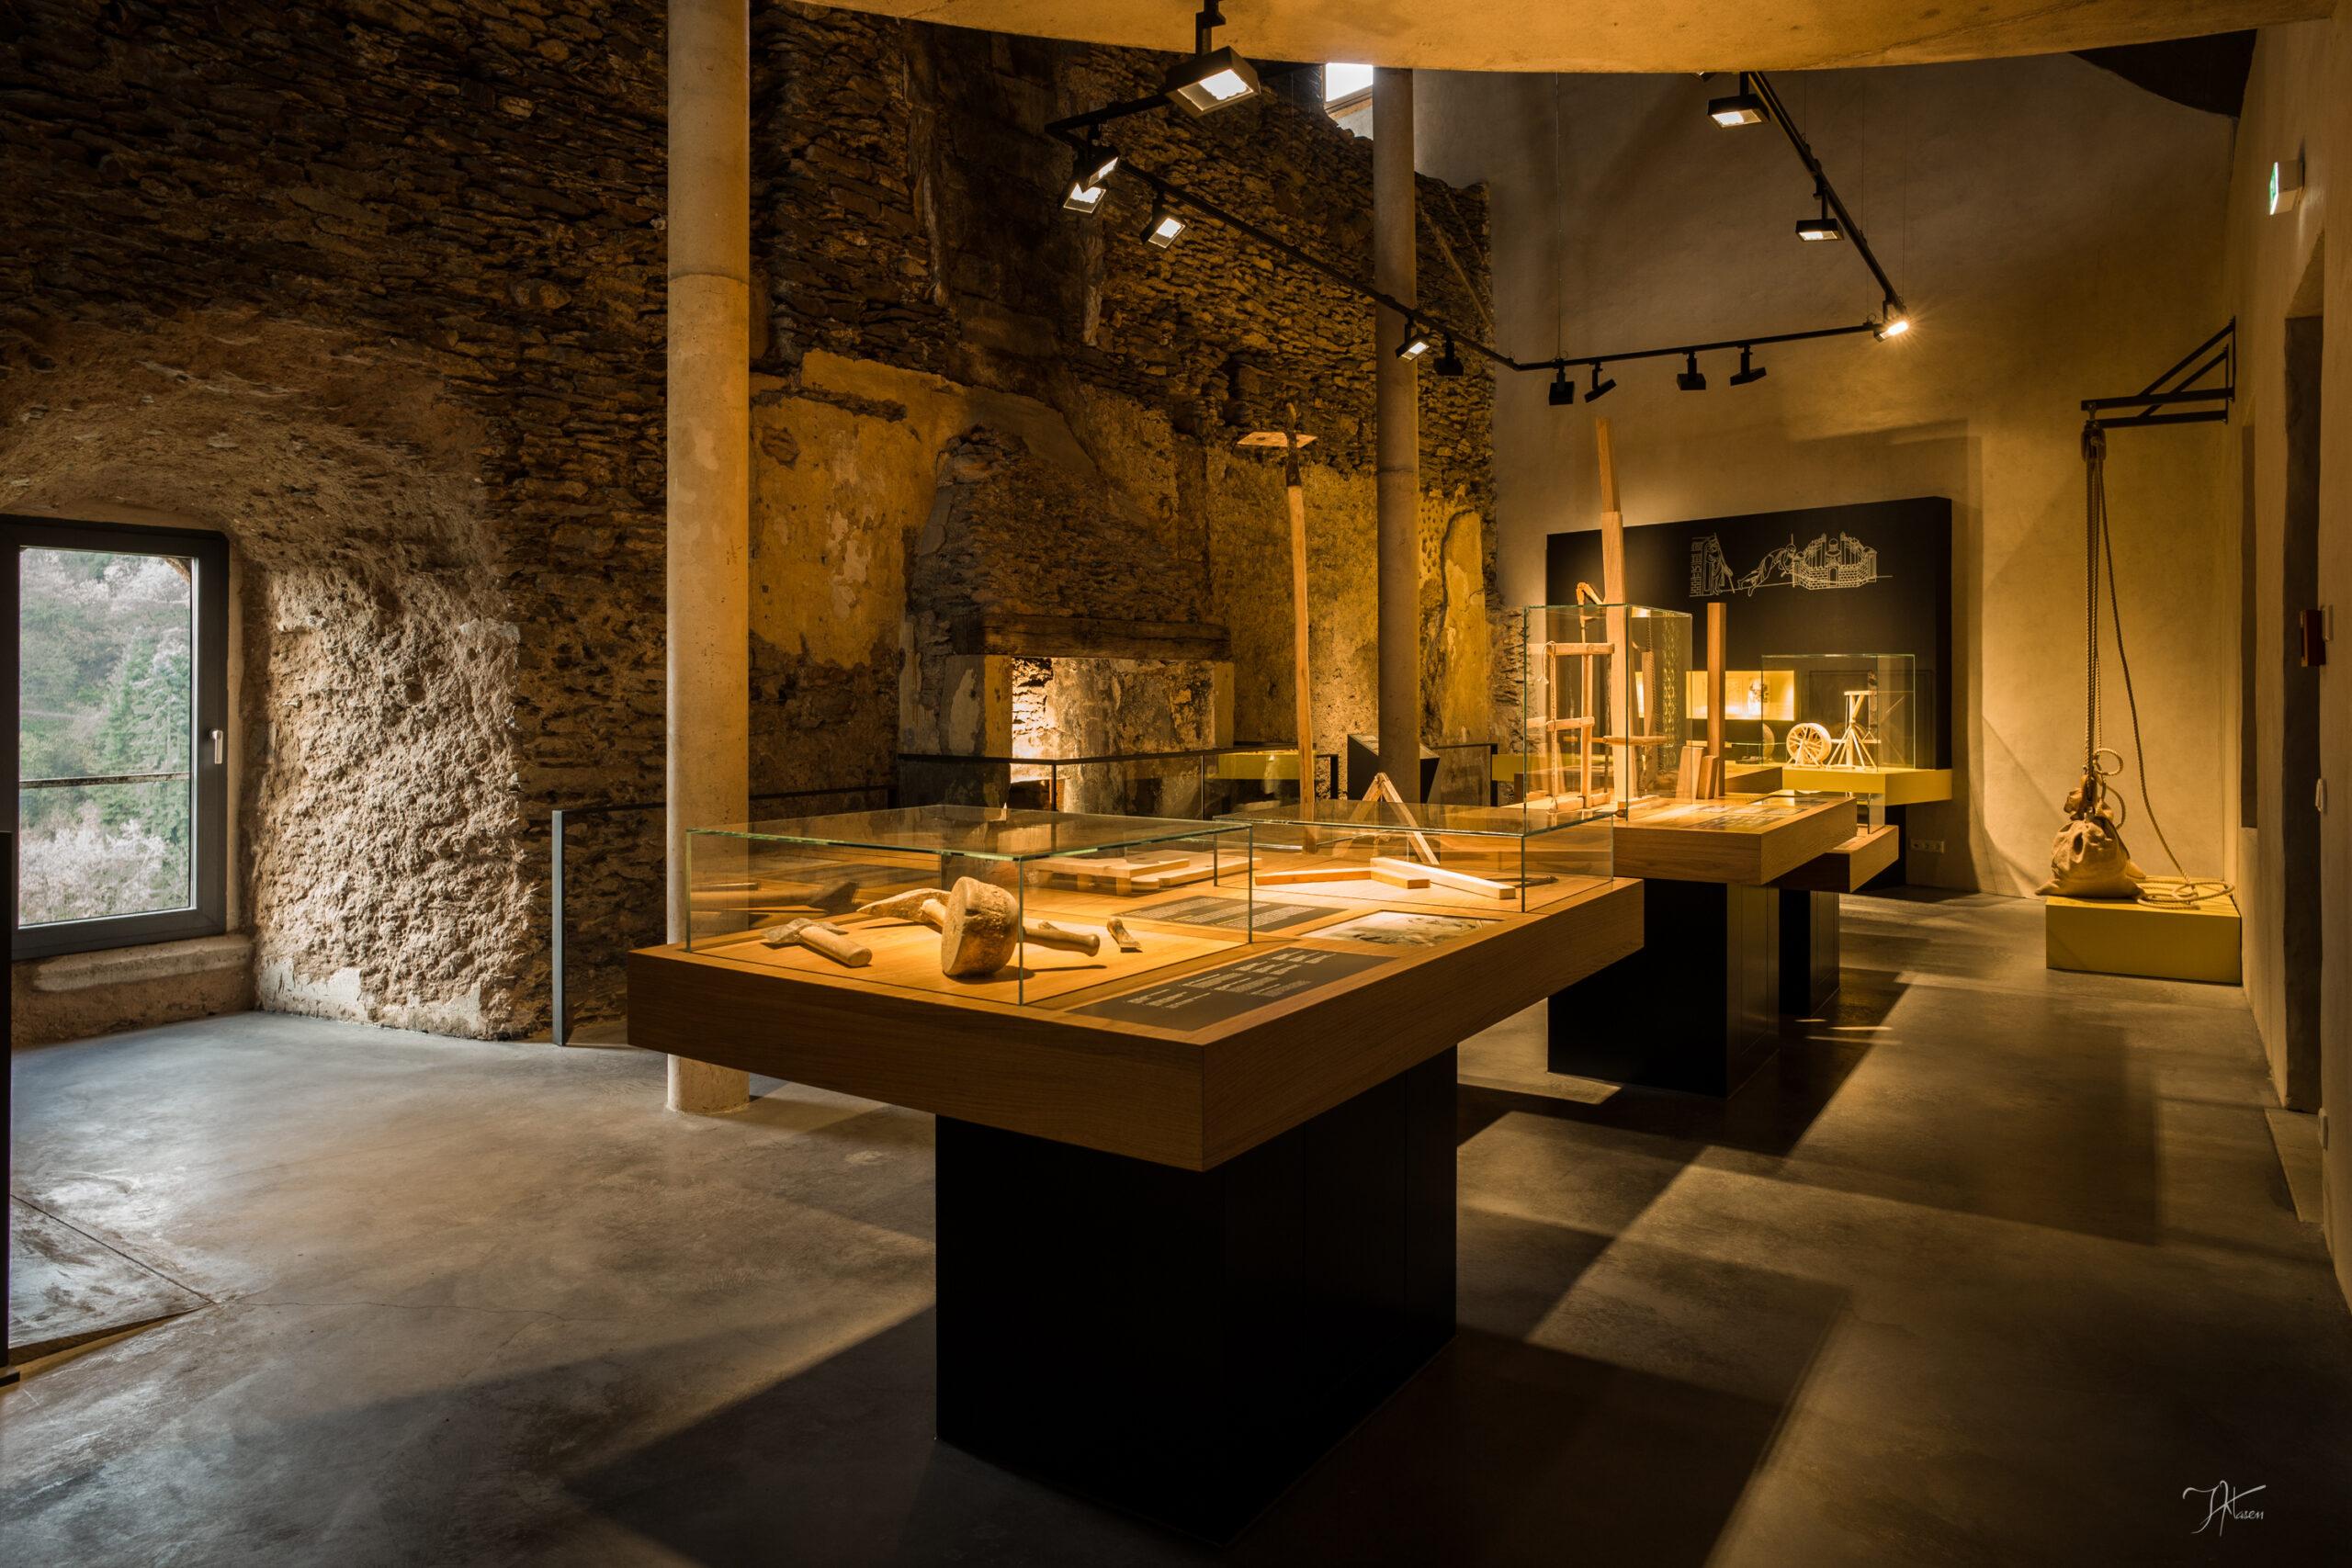 Blick in das neu eingerichtete Besucherzentrum der Burg Vianden.